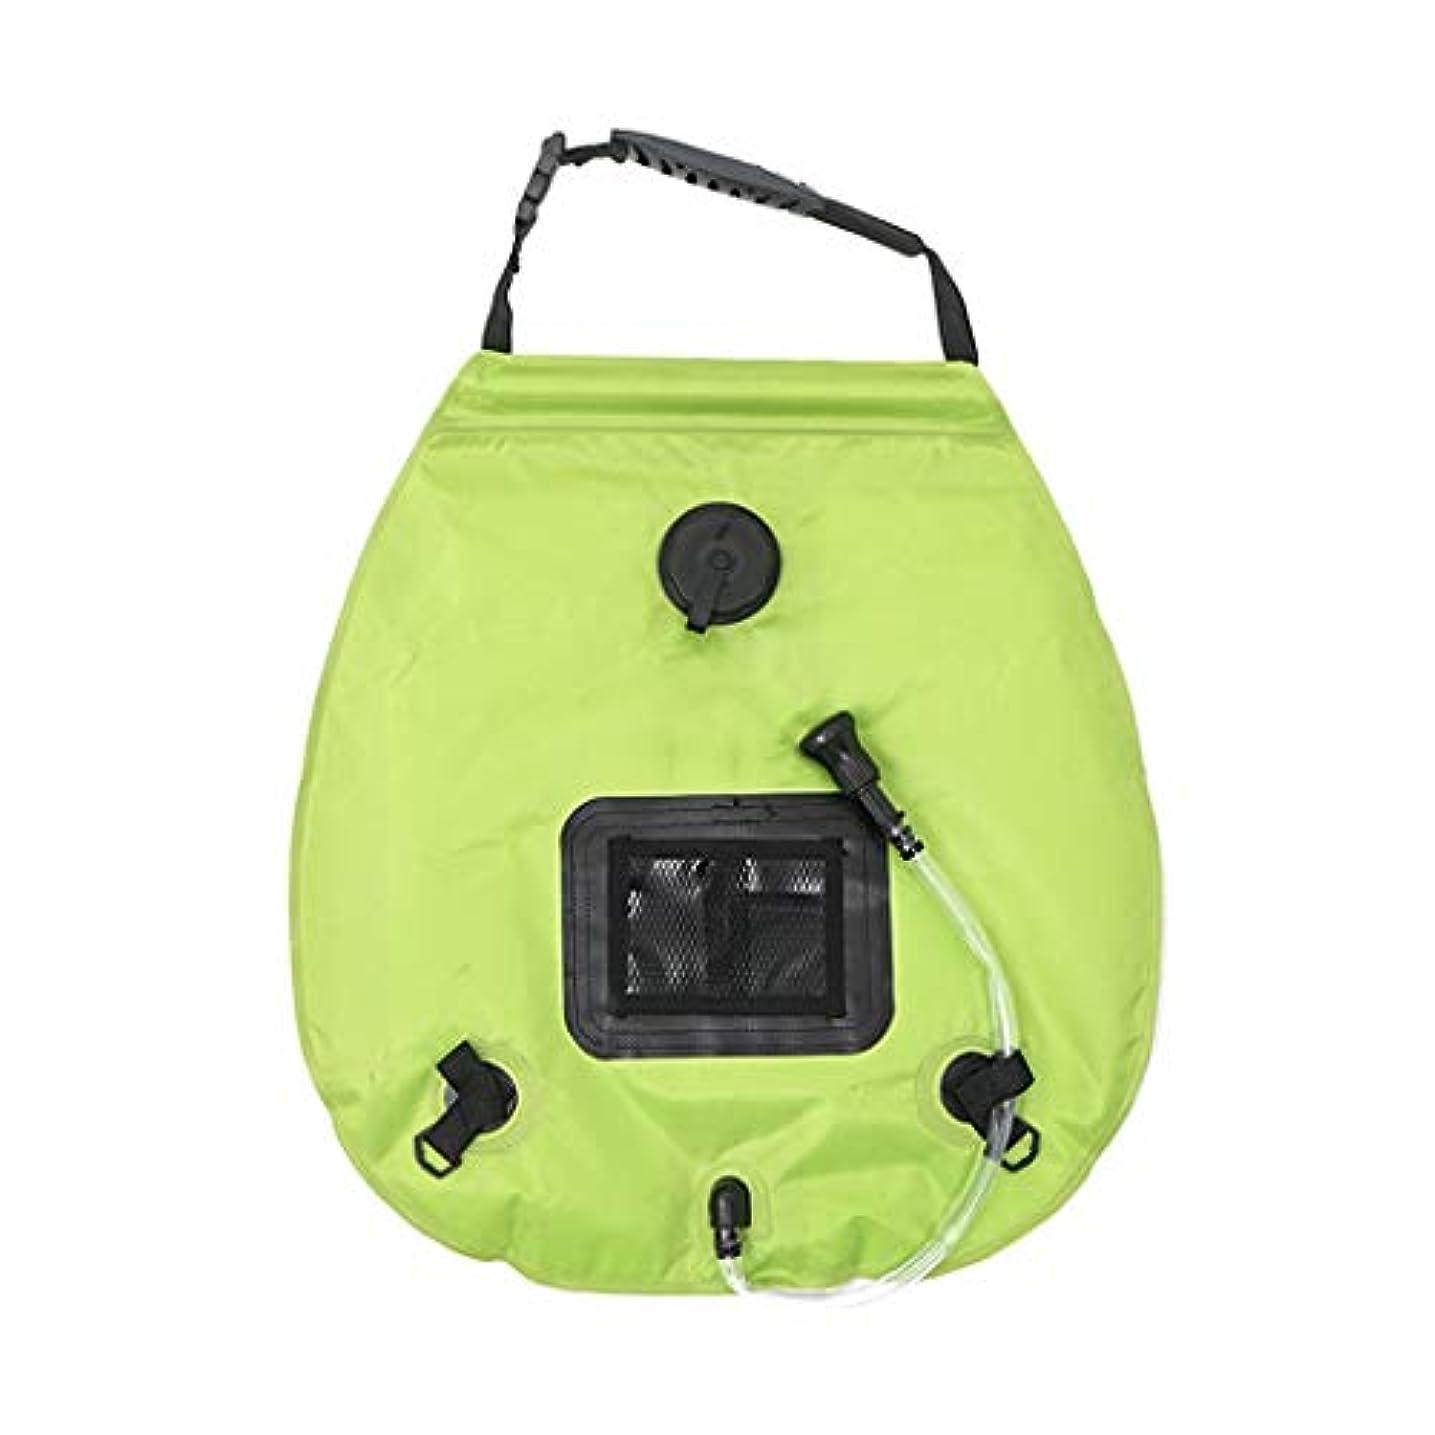 デッドロック状鷲ソーラー湯たんぽ_アウトドア入浴バッグキャンプソーラー湯たんぽポータブルフィールド入浴ウォーターバッグ20L水貯蔵バッグ